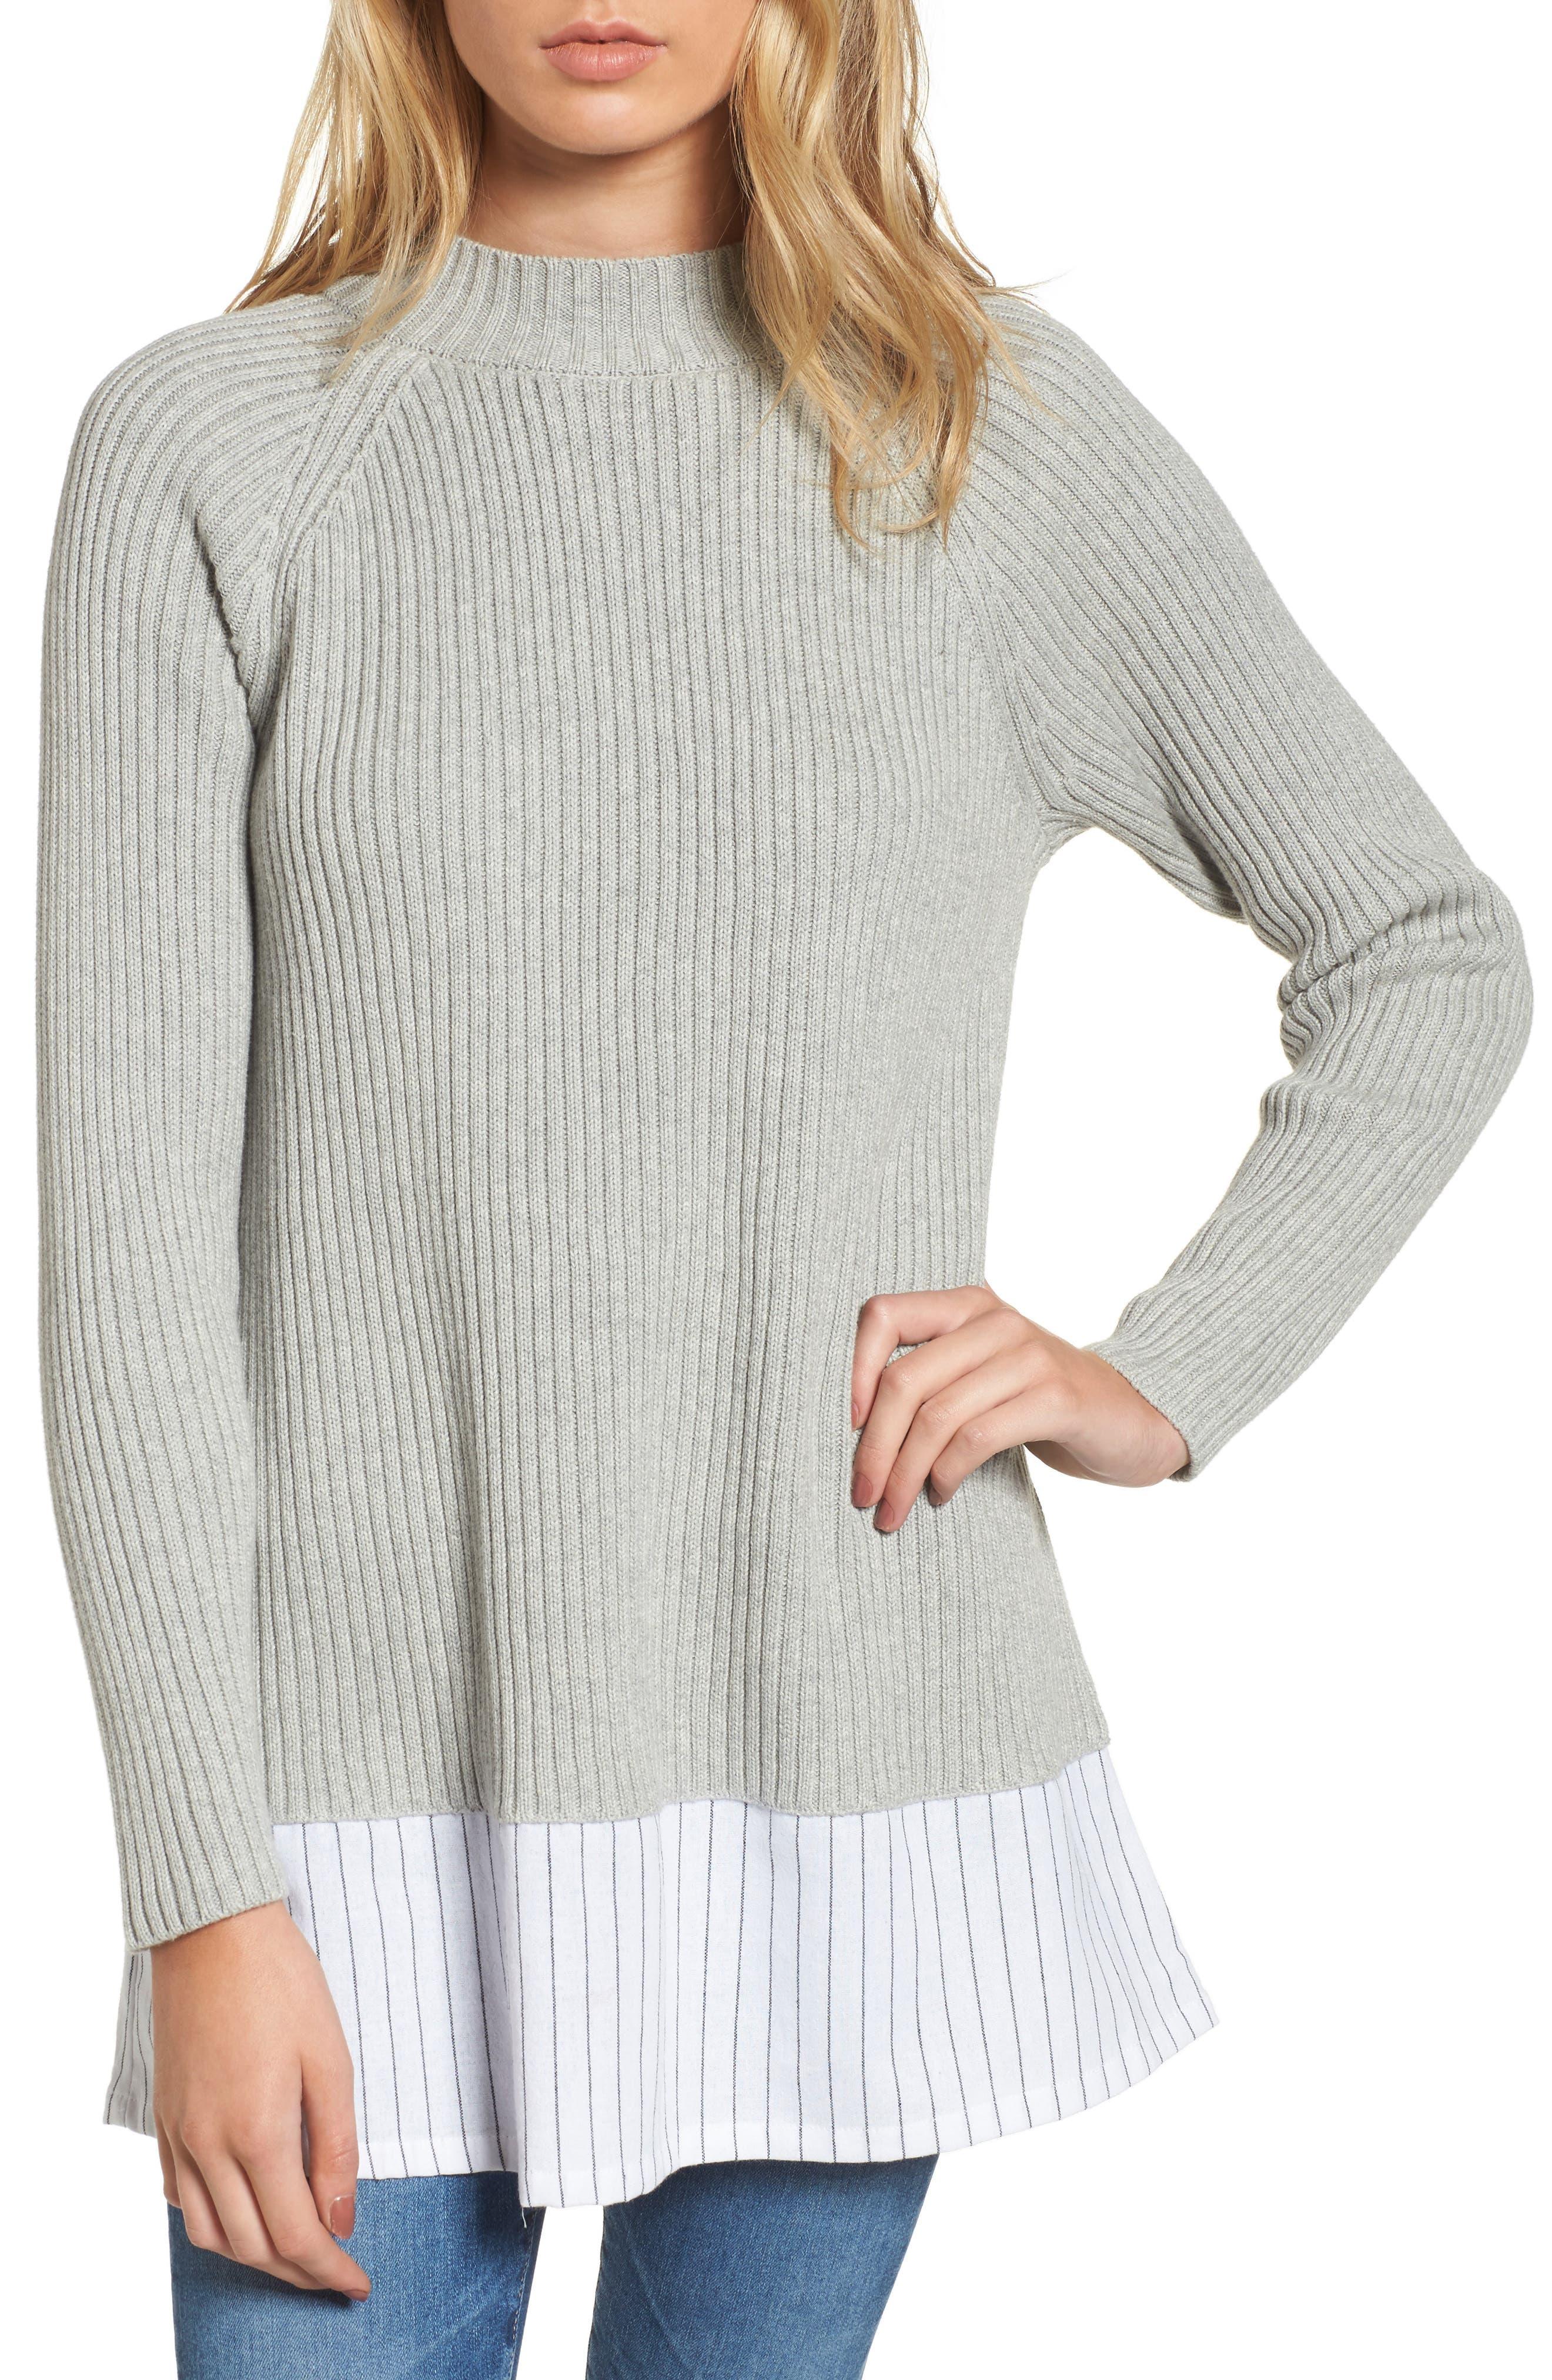 Ila Sweater,                         Main,                         color, Light Grey